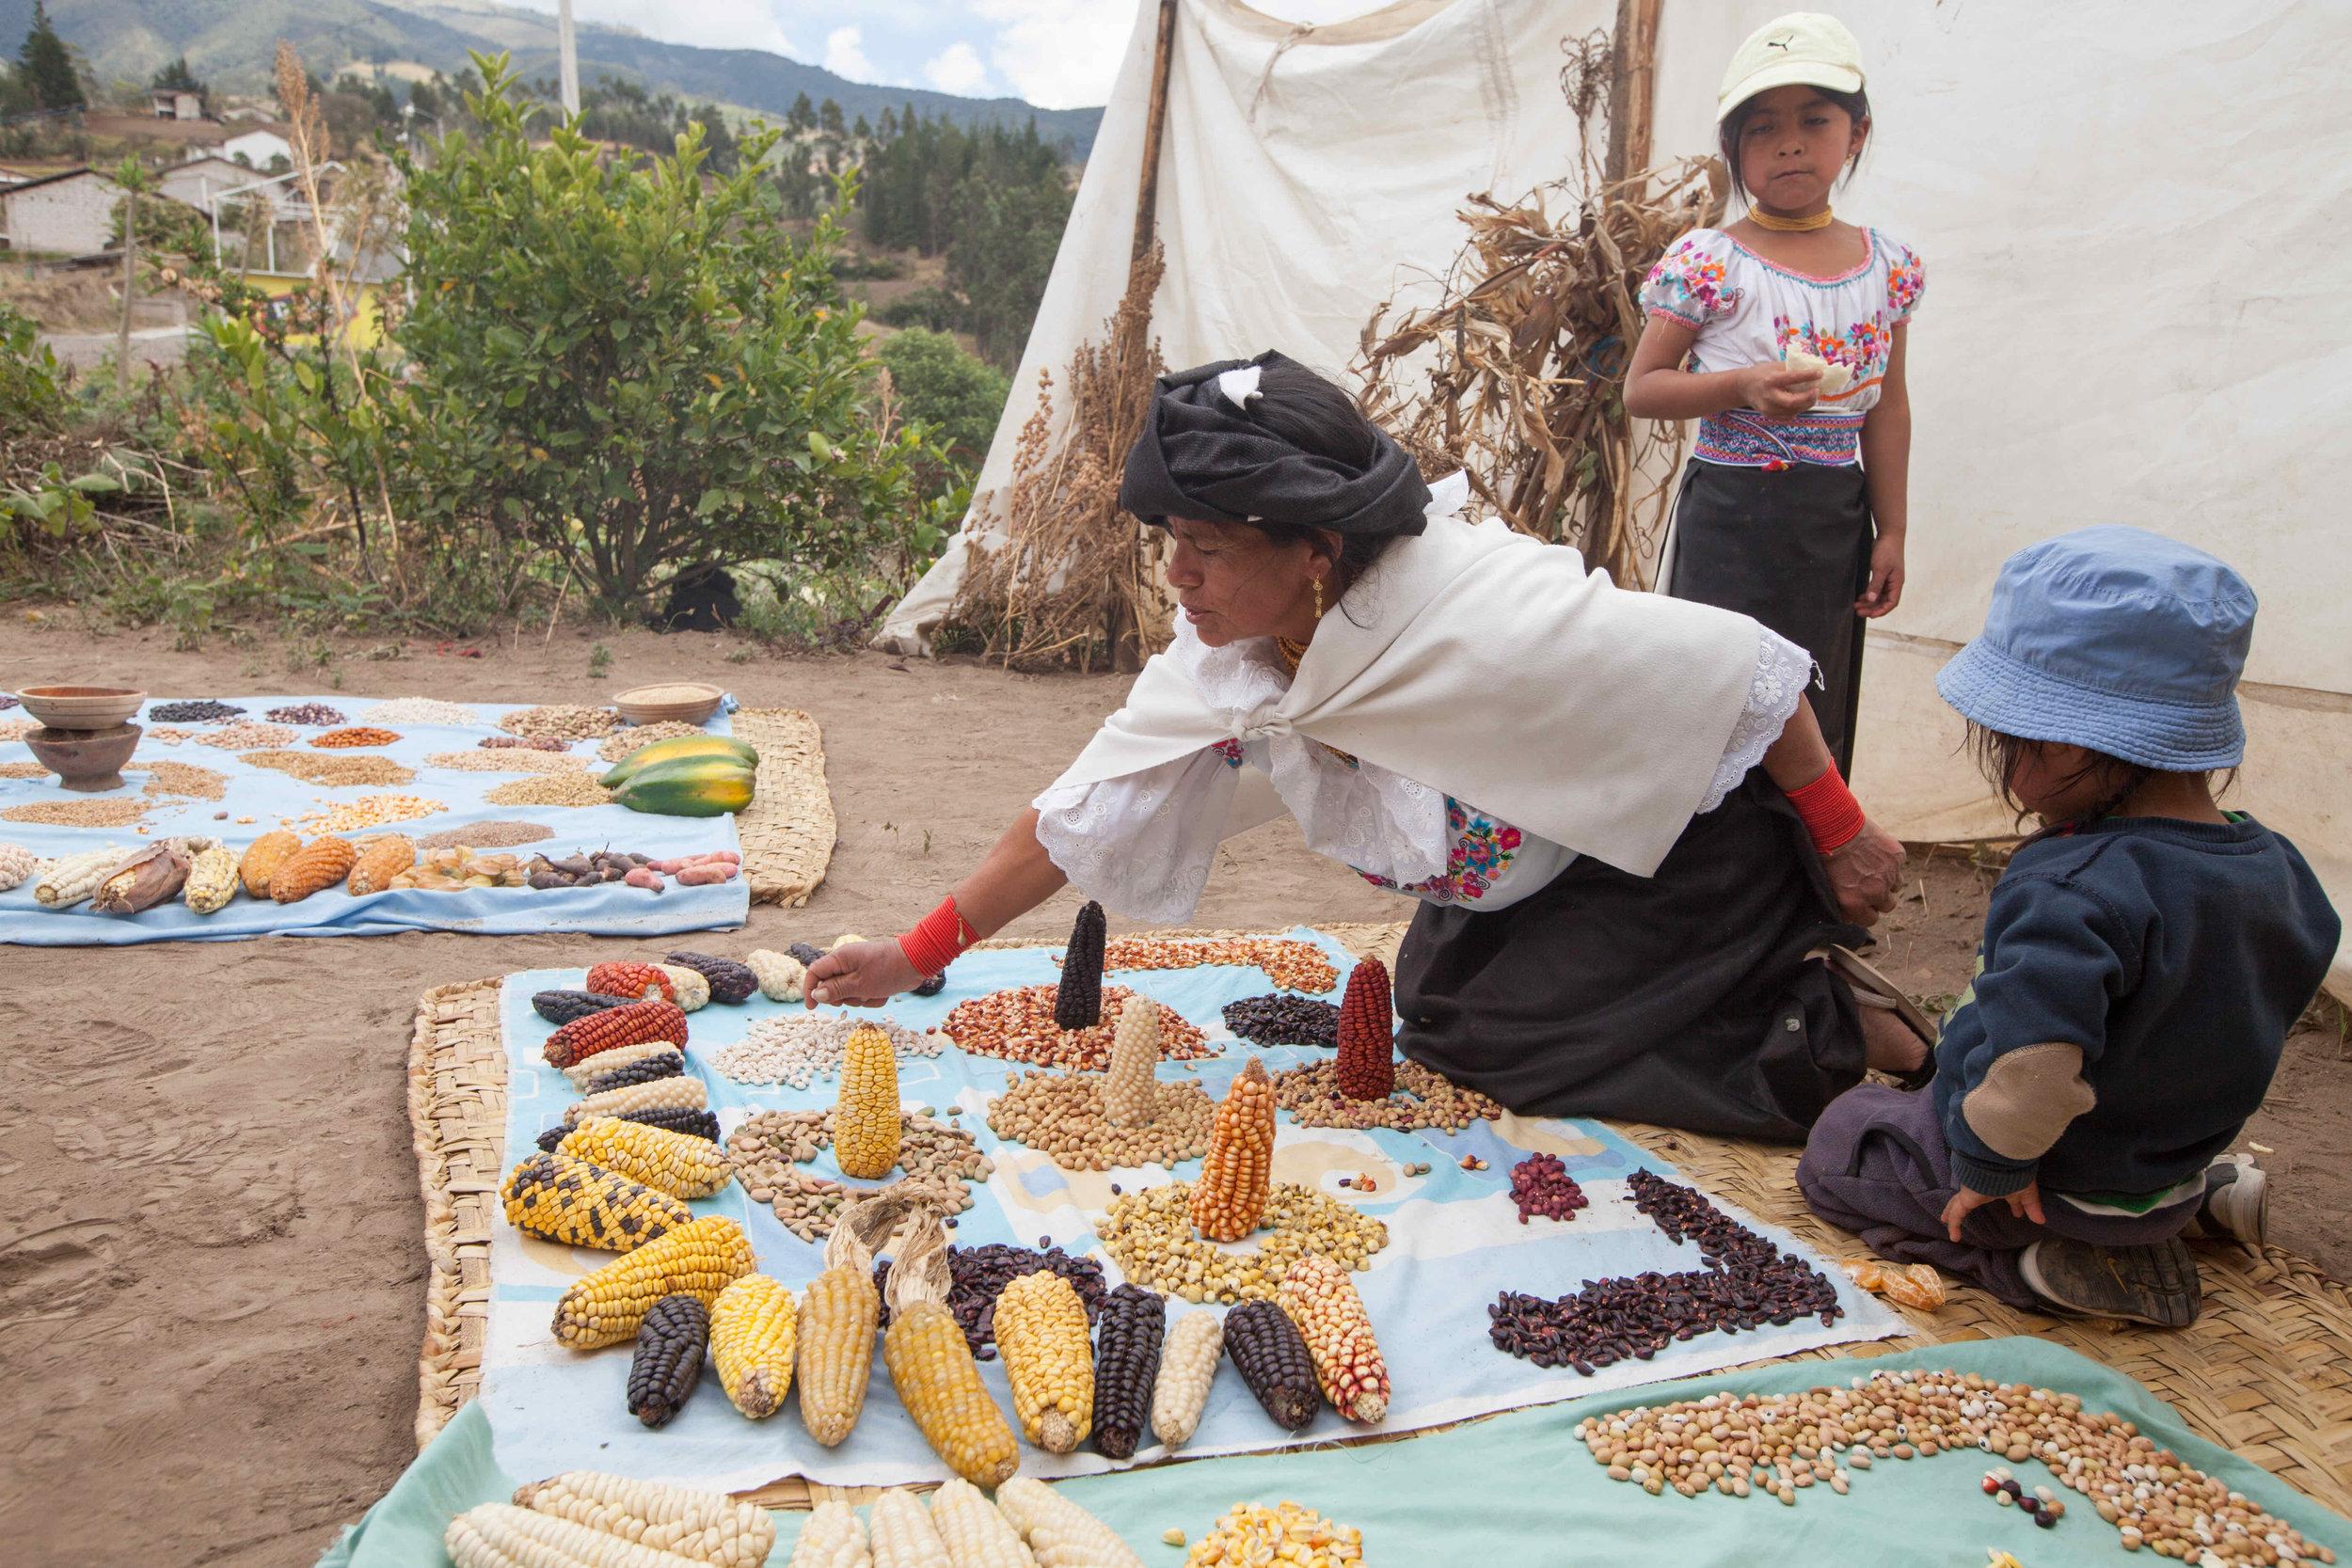 """Rosa Maria Angrango Conejo,San Francisco De la Rinconada,Sector 4 Esquinas, Otavalo, Ecuador  """"Para las siembras hacemos una ceremonia, igual como nosotros estamos aquí, hacemos una ceremonia de los granos, porque tiene vida los granos, igual la tierra tiene vida. Vivir en nuestra pachamama para que nos vuelva dar la producción.  Ahora, los jóvenes solo quieren ir a la cuidad y no están sembrando. La gente de hoy que no siembran tiene mucha problema de salud. Pero nuestras mamitas mayores no se enferma, todavía vive comiendo nuestras semillas.  Tenemos que seguir manteniendo las semillas y no debemos descuidar."""""""